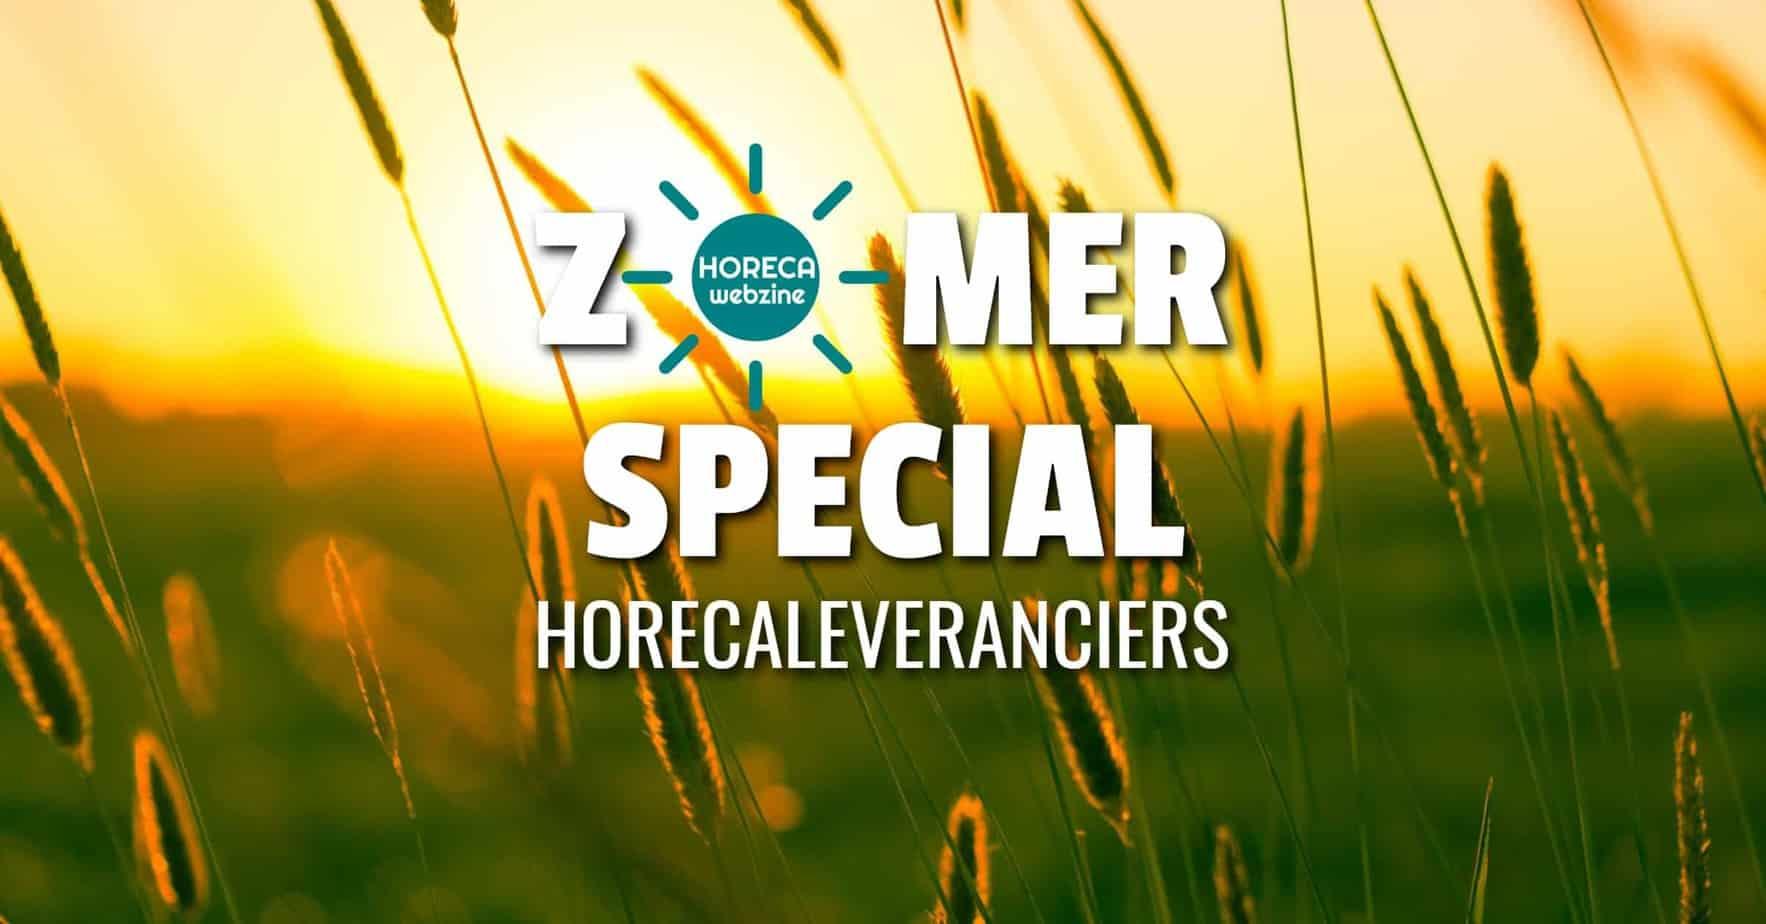 zomerspecial Horeca Webzine horecaleveranciers